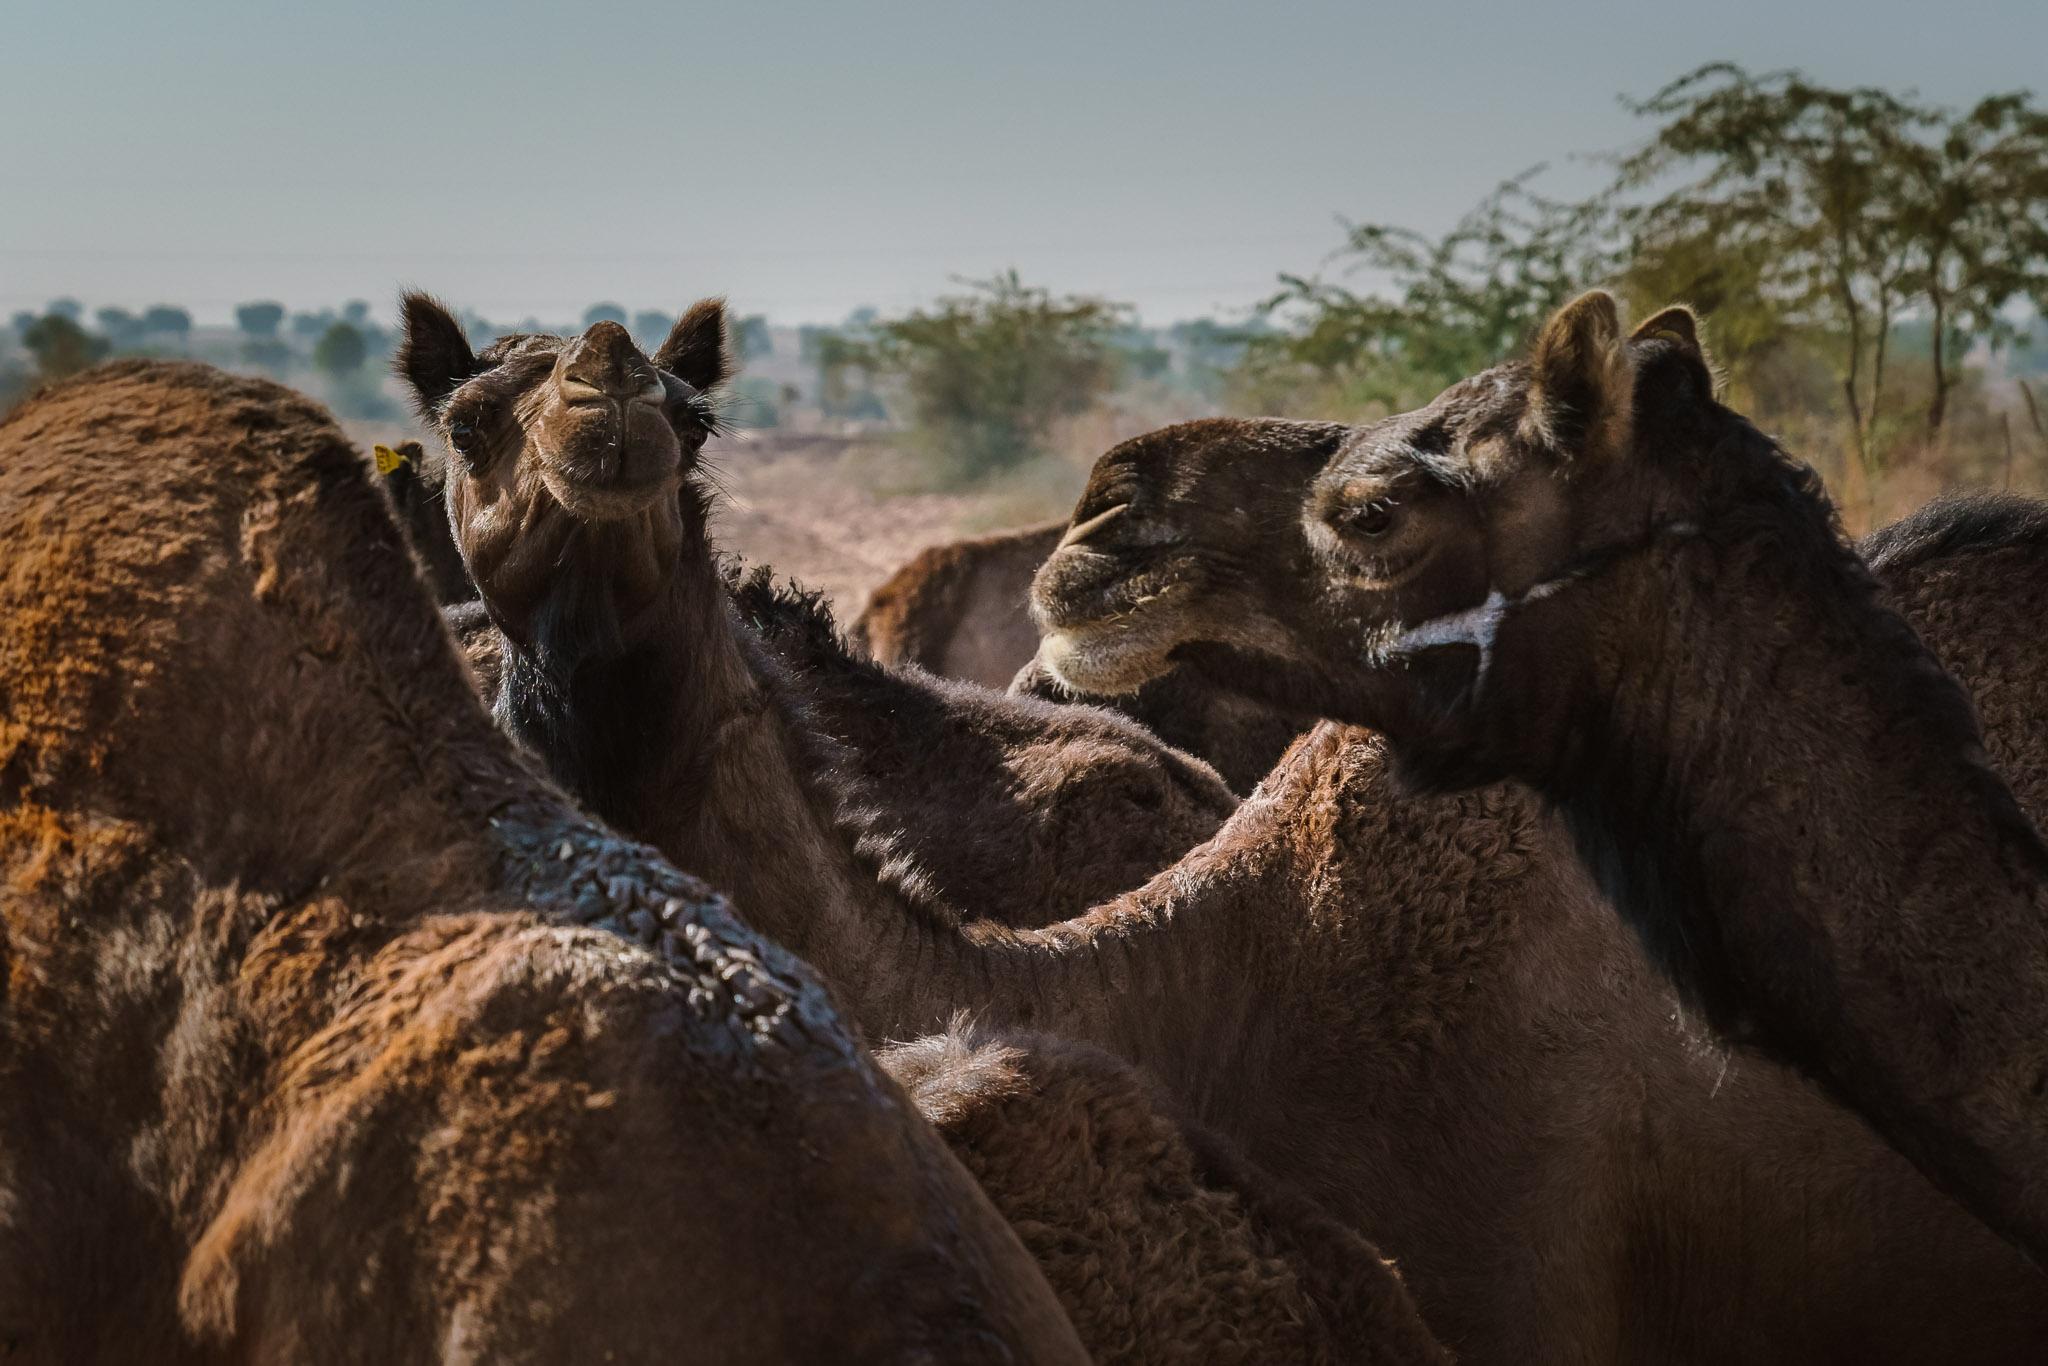 India-pokhran-camel-farmer.jpg